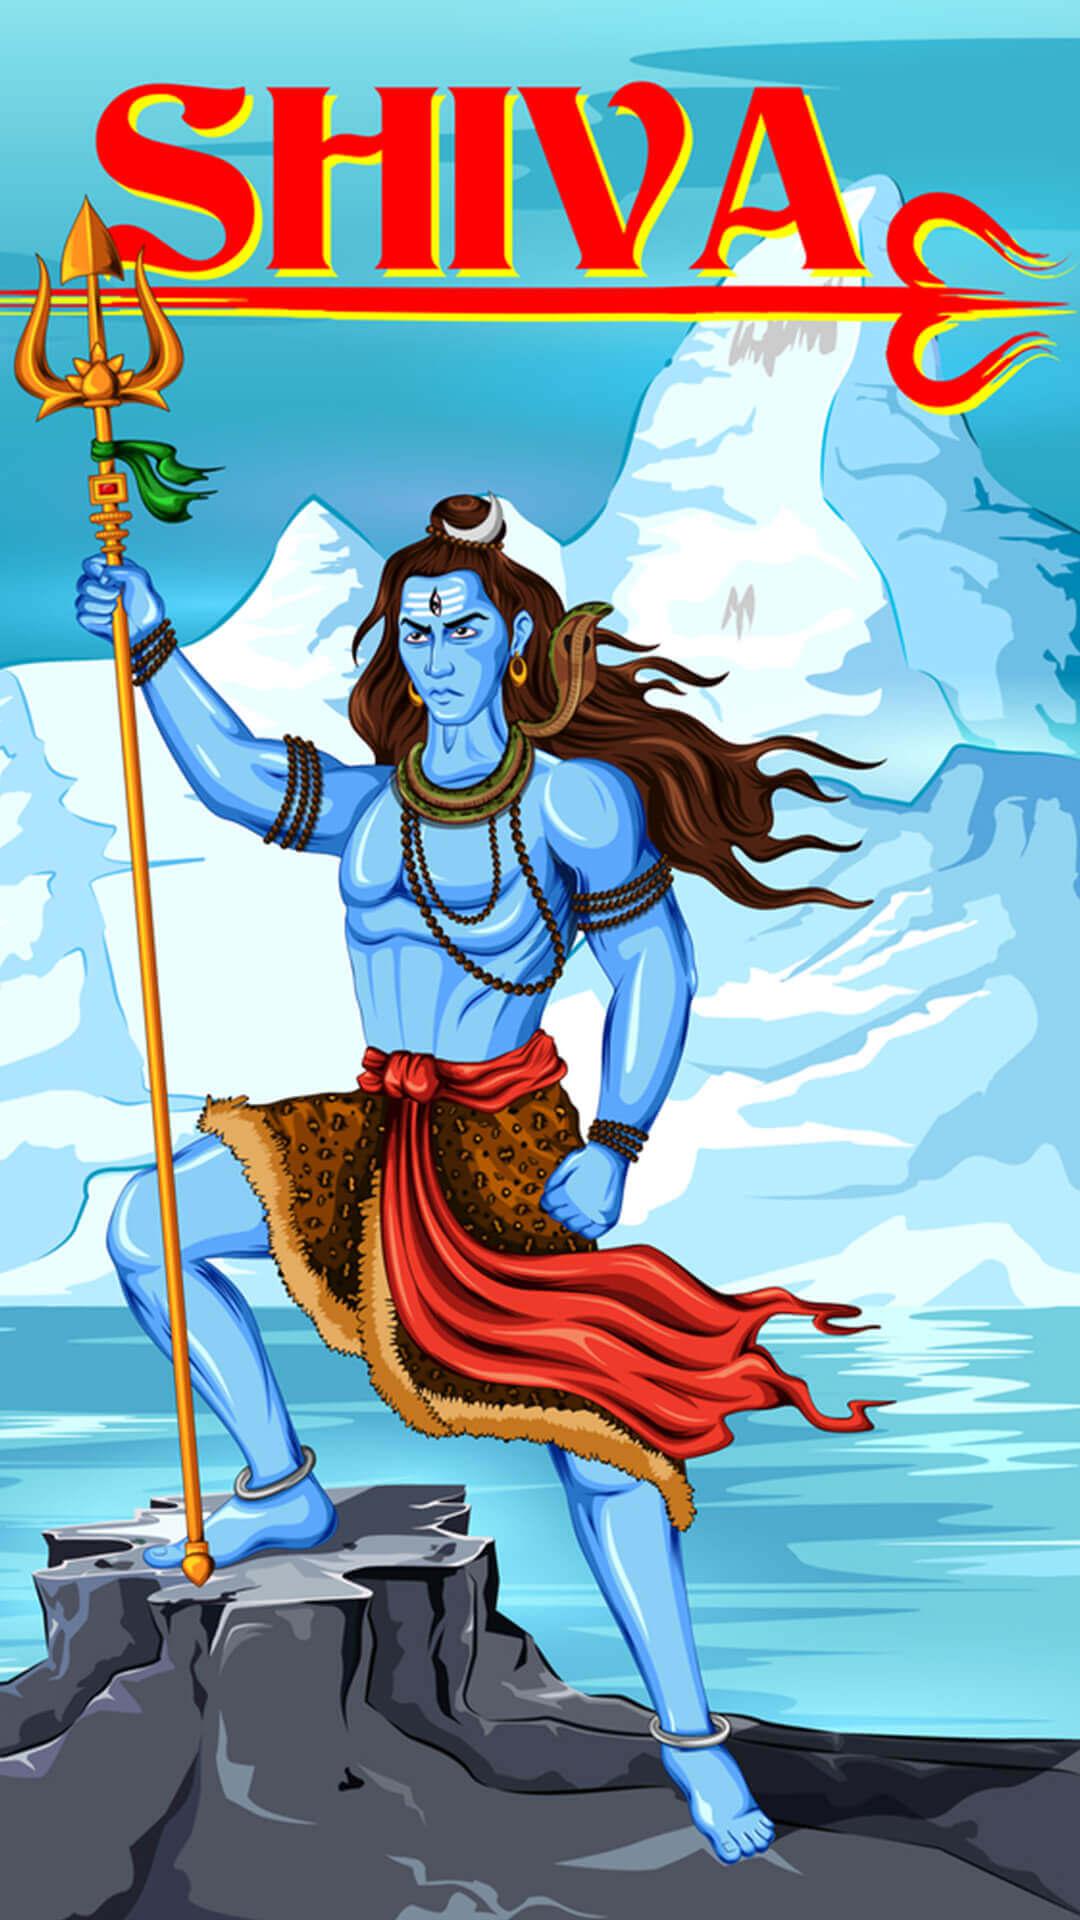 Shiv Ji Wallpaper 3d Hd Lord Shankar Vector Free Download 1080x1920 Wallpaper Teahub Io